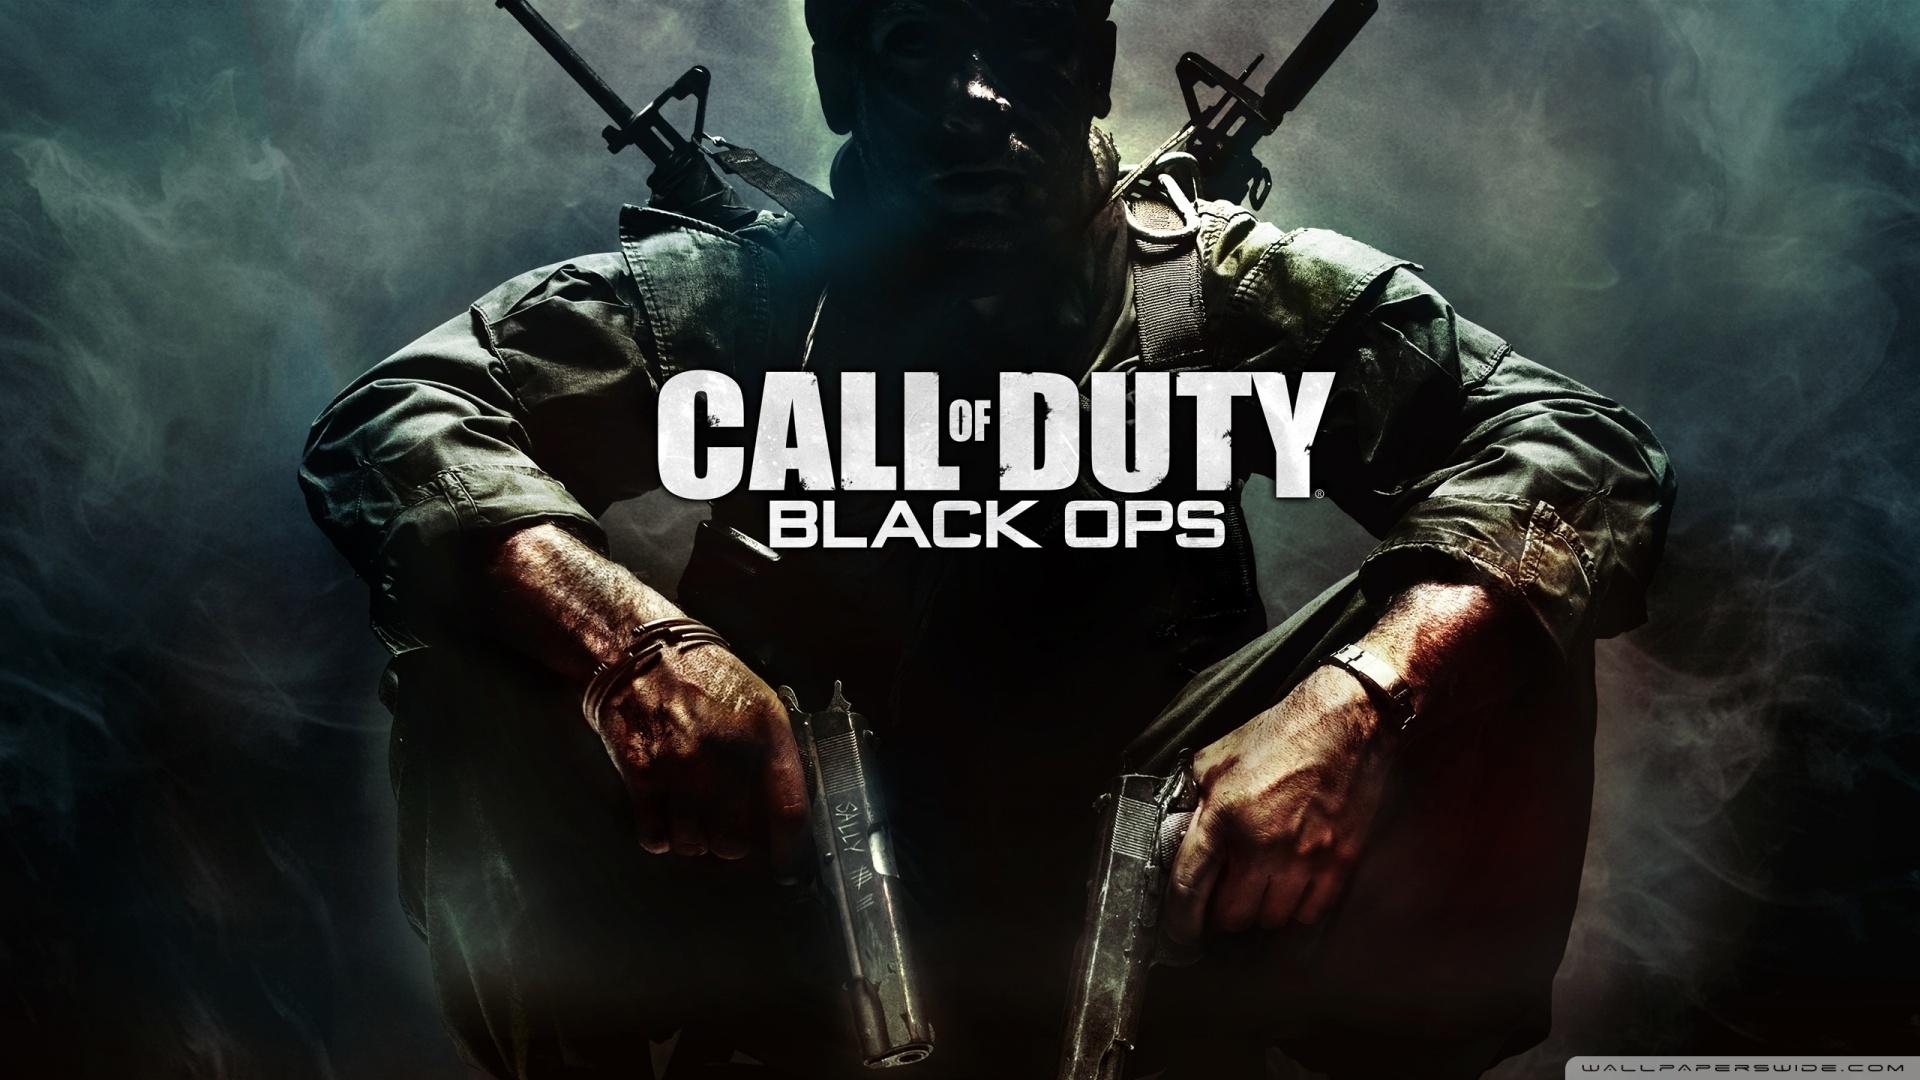 call of duty: black ops ❤ 4k hd desktop wallpaper for 4k ultra hd